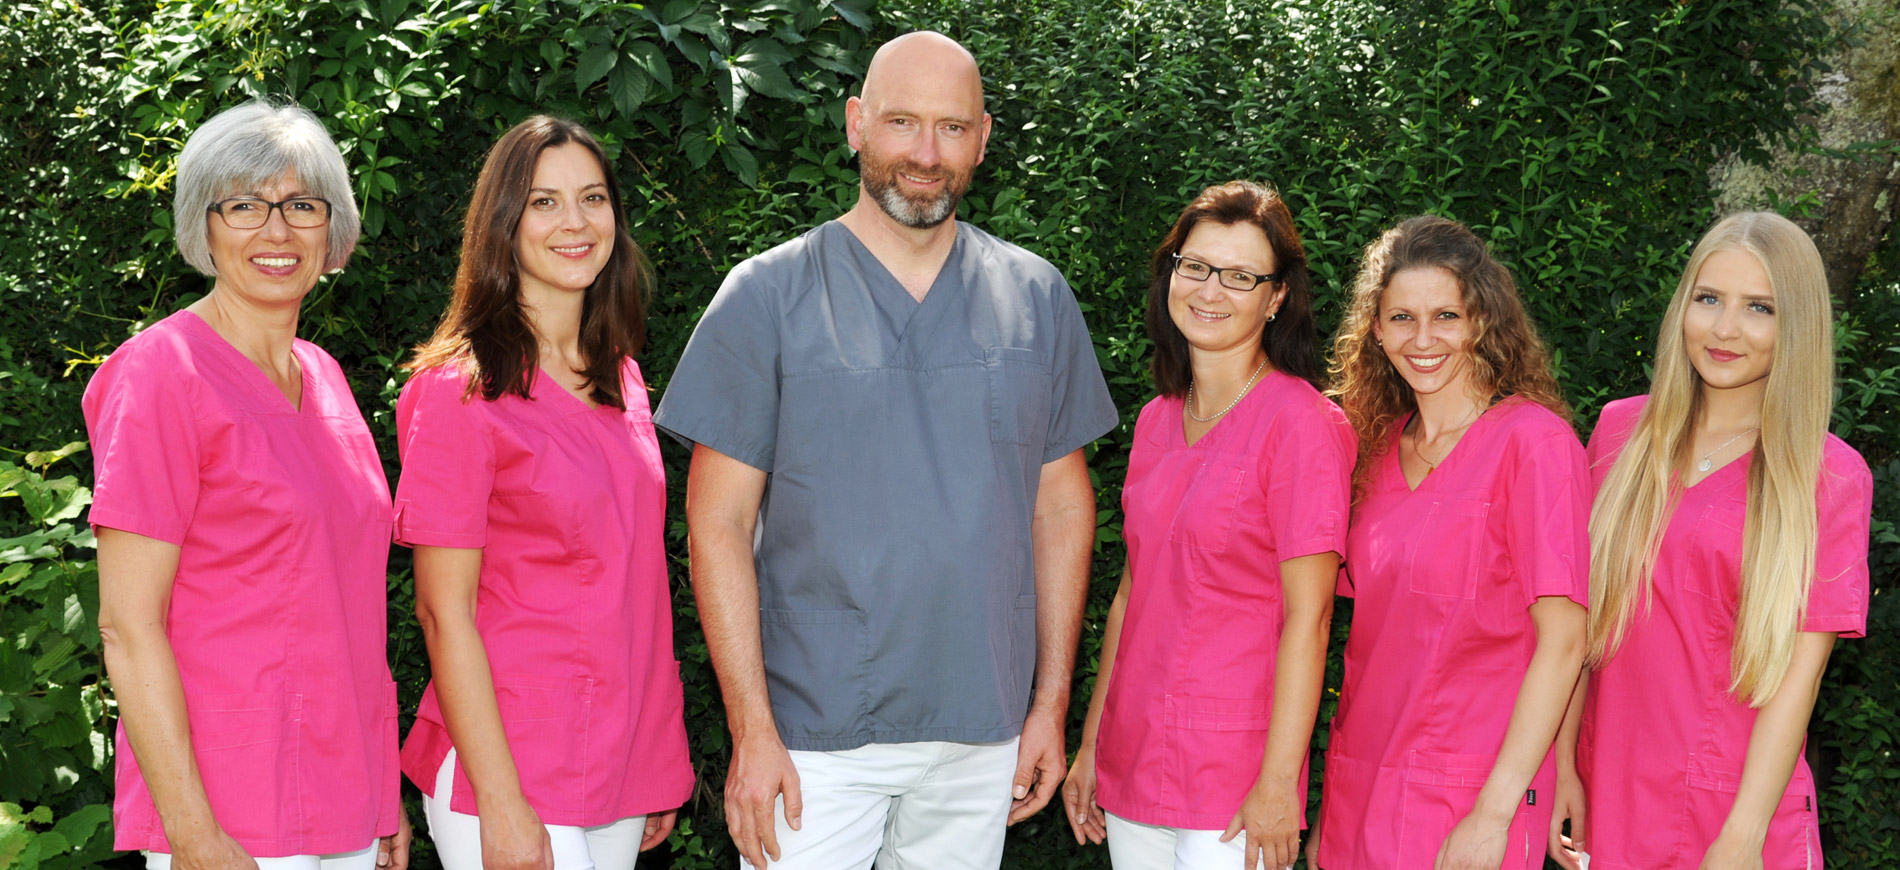 Zahnarzt Dr. Marco Eck - Herzlich Willkommen  in der Zahnarztpraxis Dr. Marco Eck in Konstanz 1